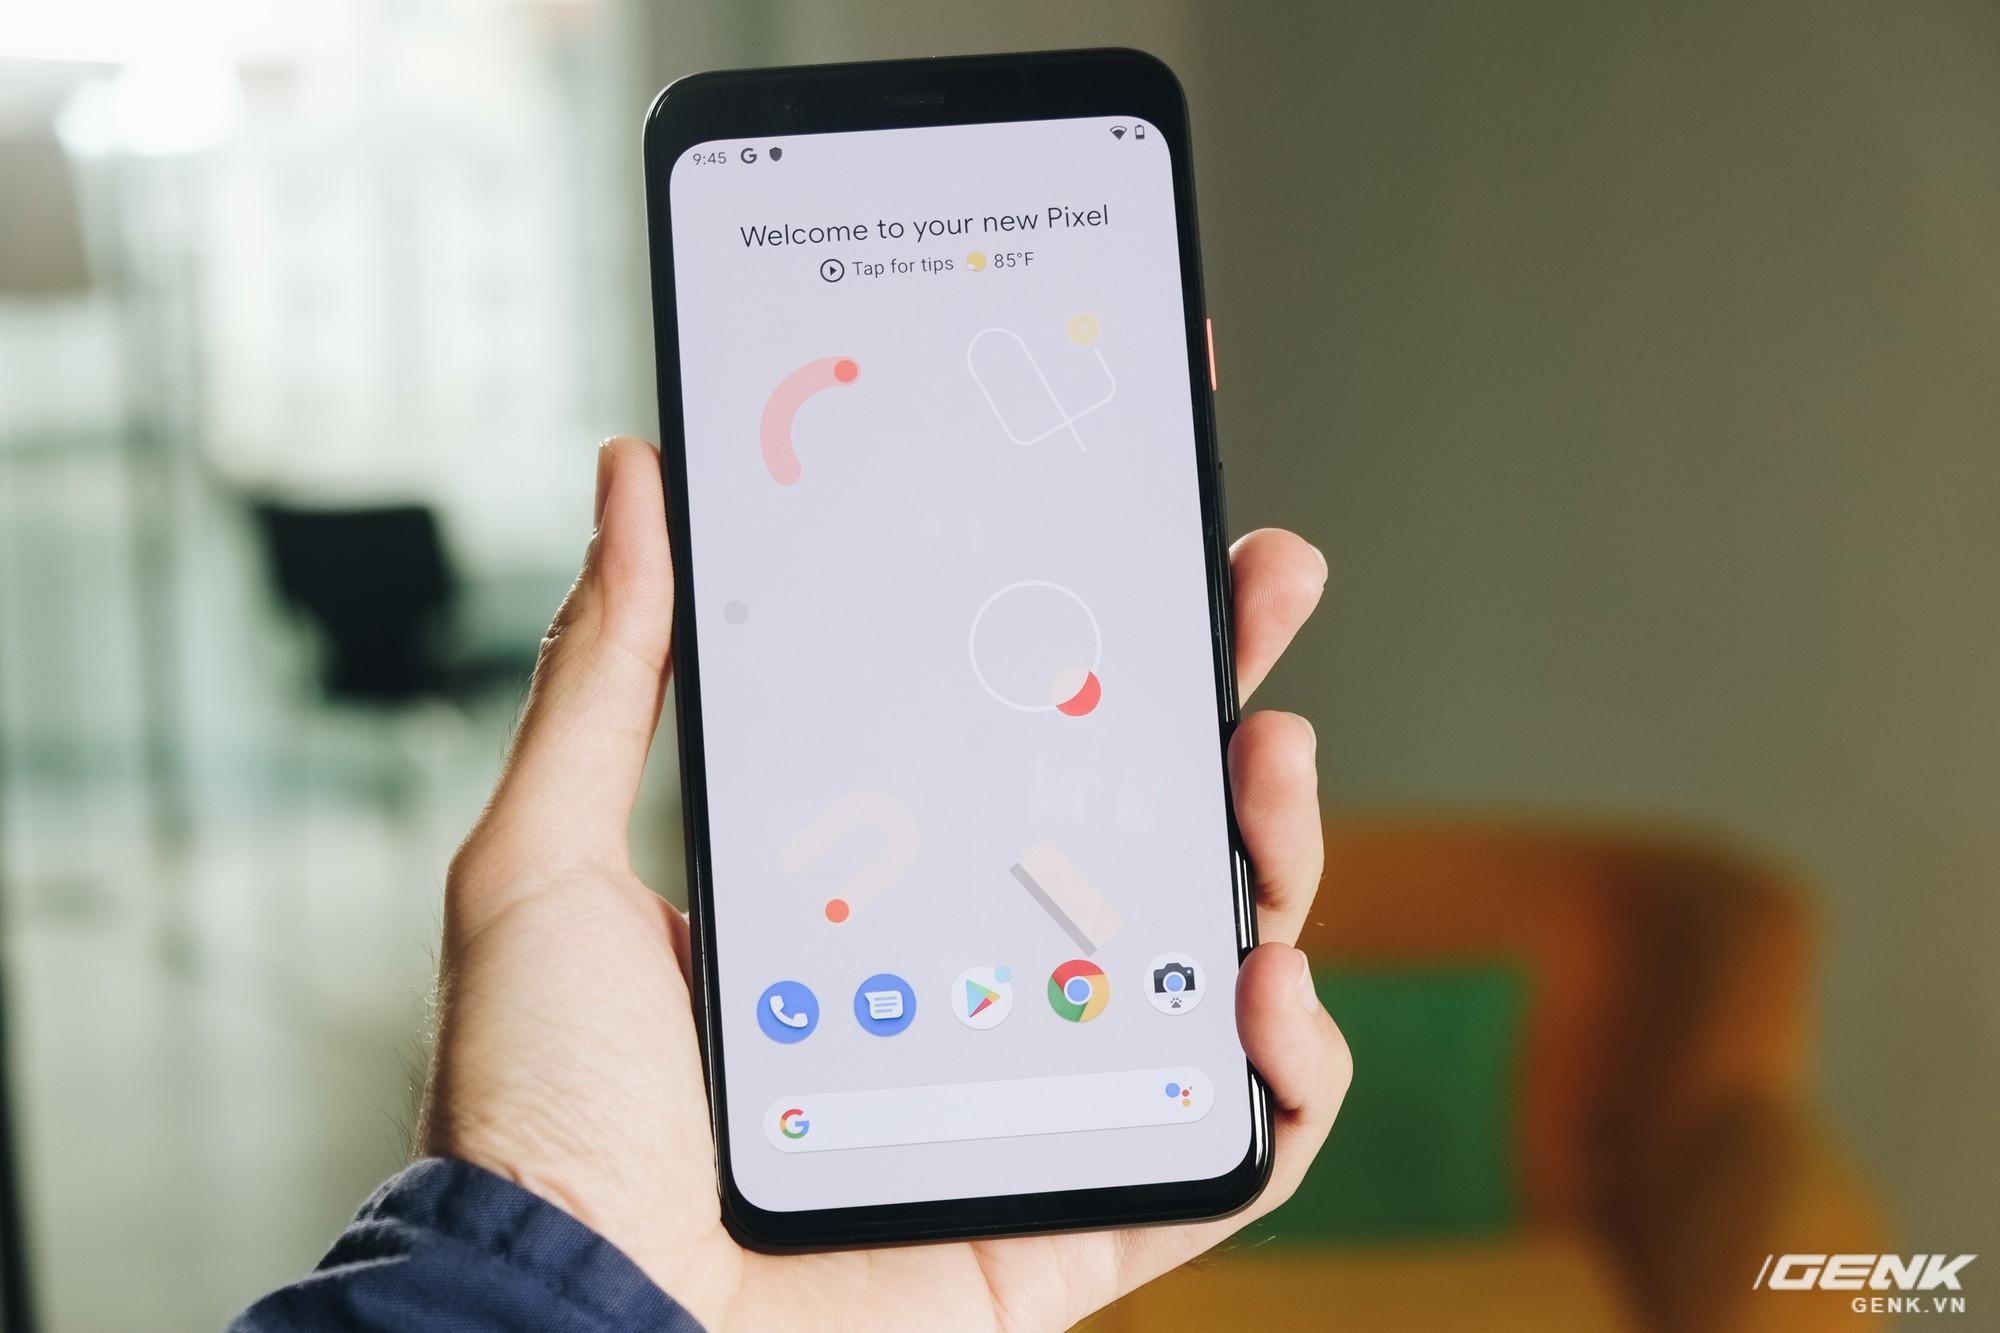 Google Pixel 4 XL : écran, design, caractéristiques, photos, Face ID – une prise en main révèle tous les détails